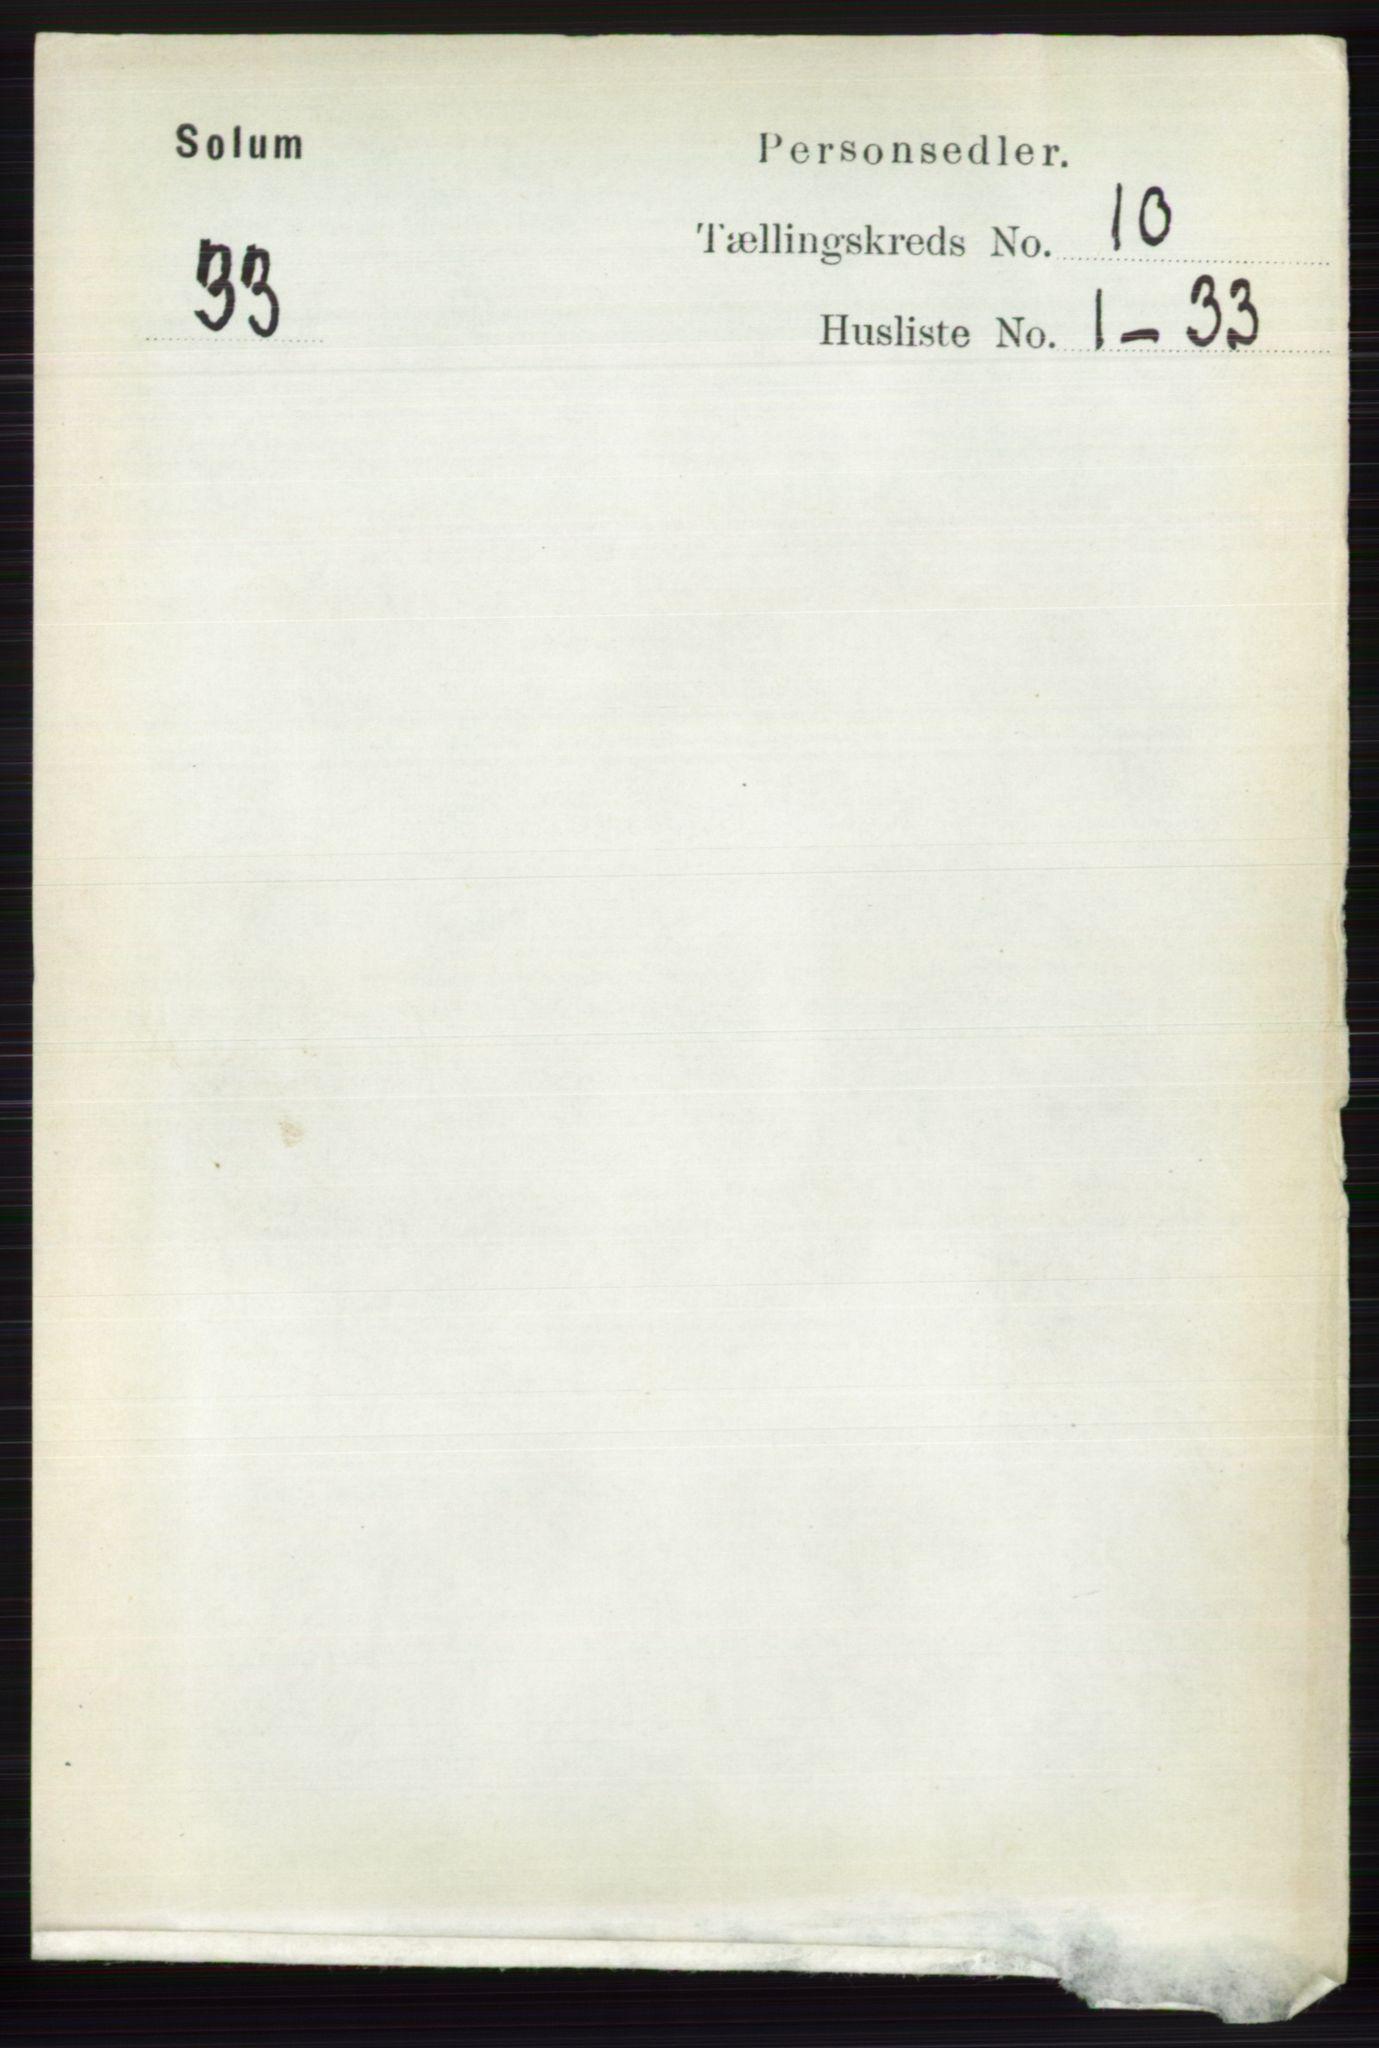 RA, Folketelling 1891 for 0818 Solum herred, 1891, s. 4689